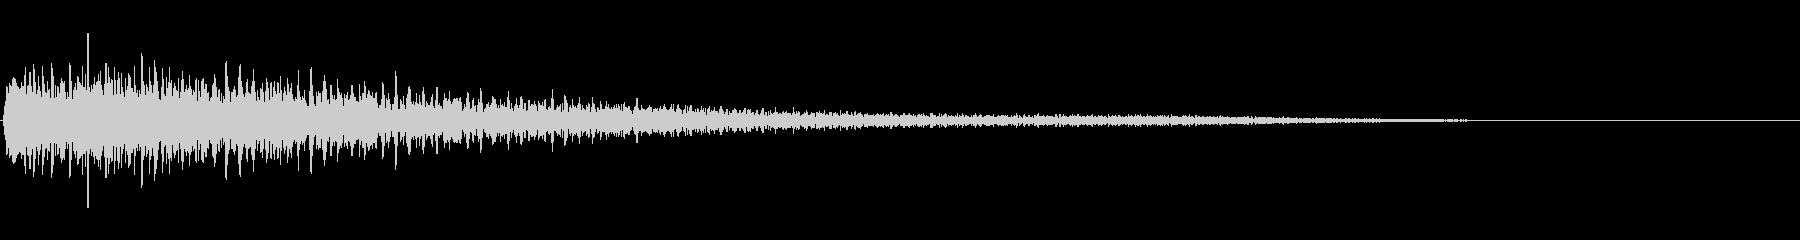 【ピアノ生演奏】シンプルなジングルの未再生の波形